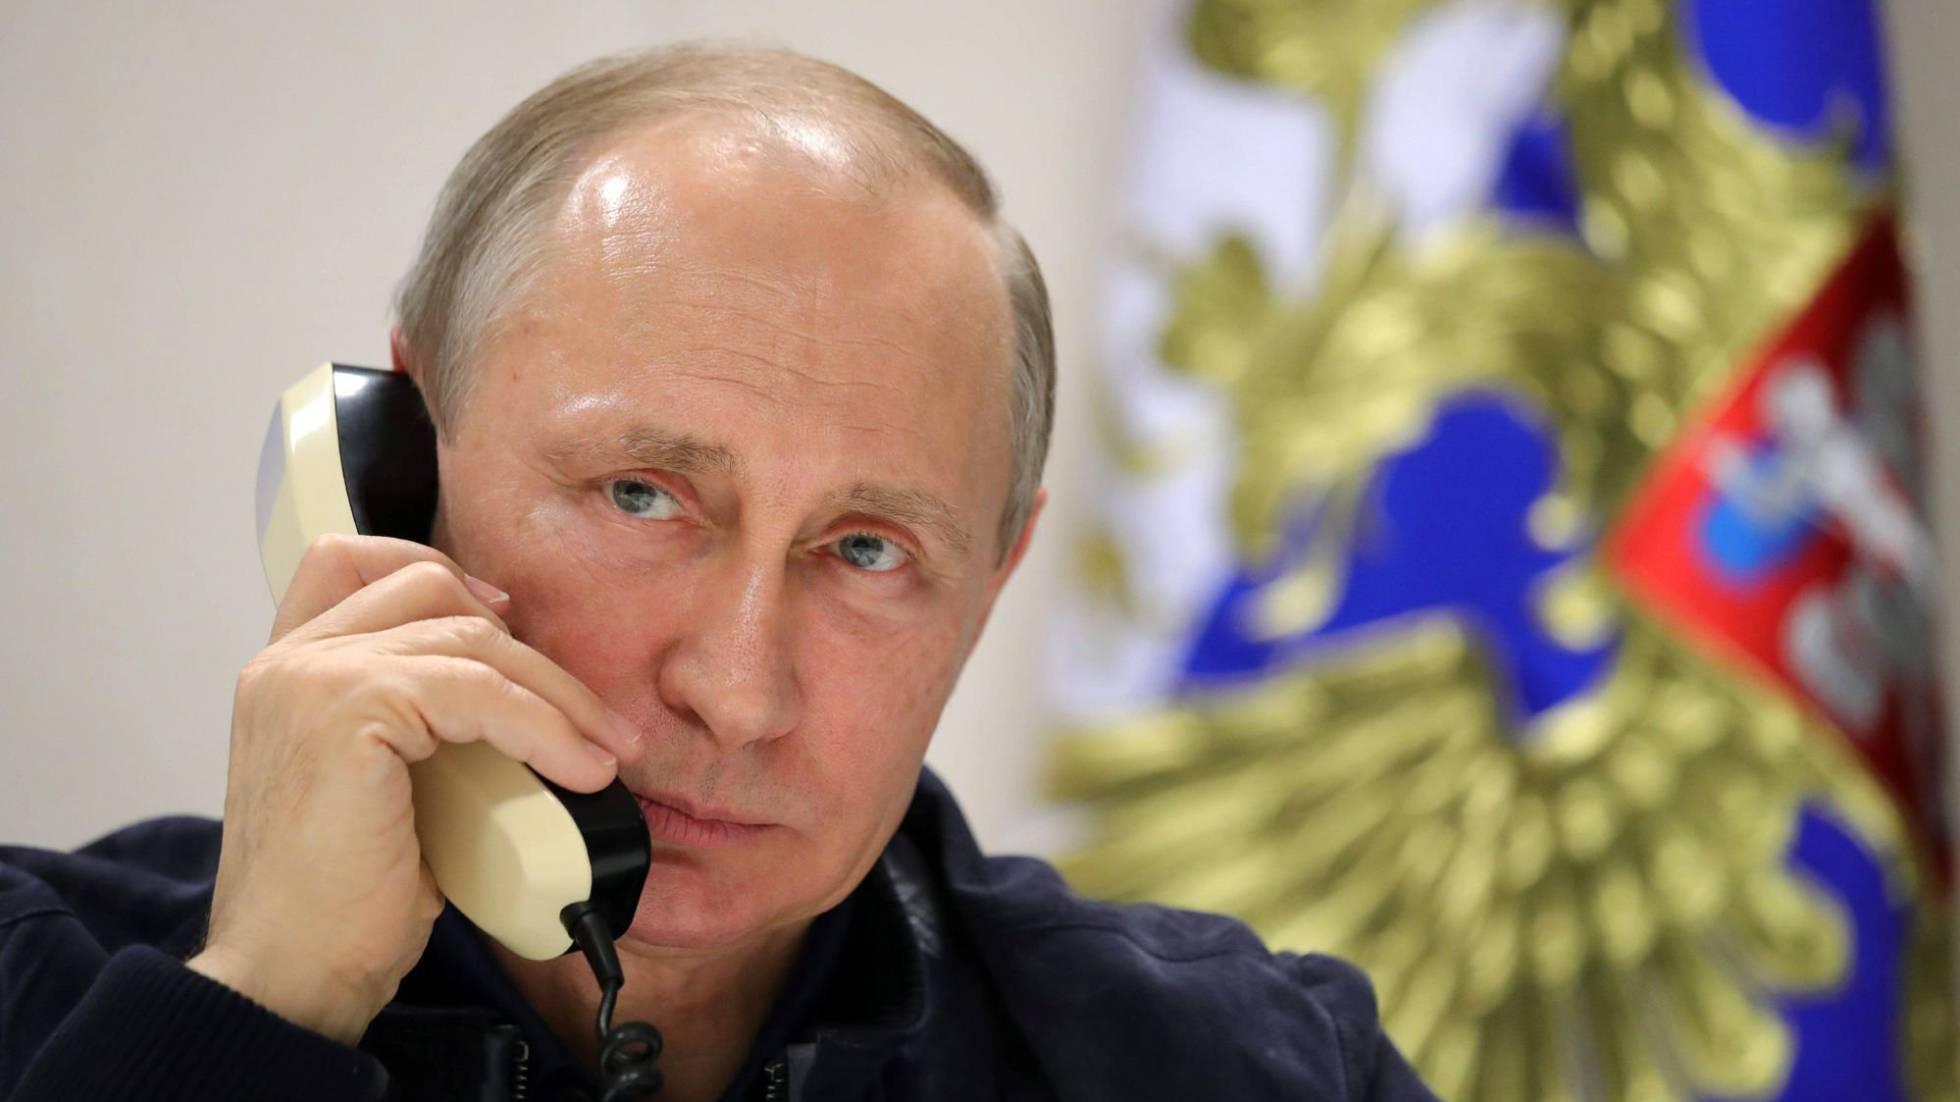 Relaciones bilaterales Estados Unidos - Rusia 1498232281_481206_1498234541_noticia_normal_recorte1